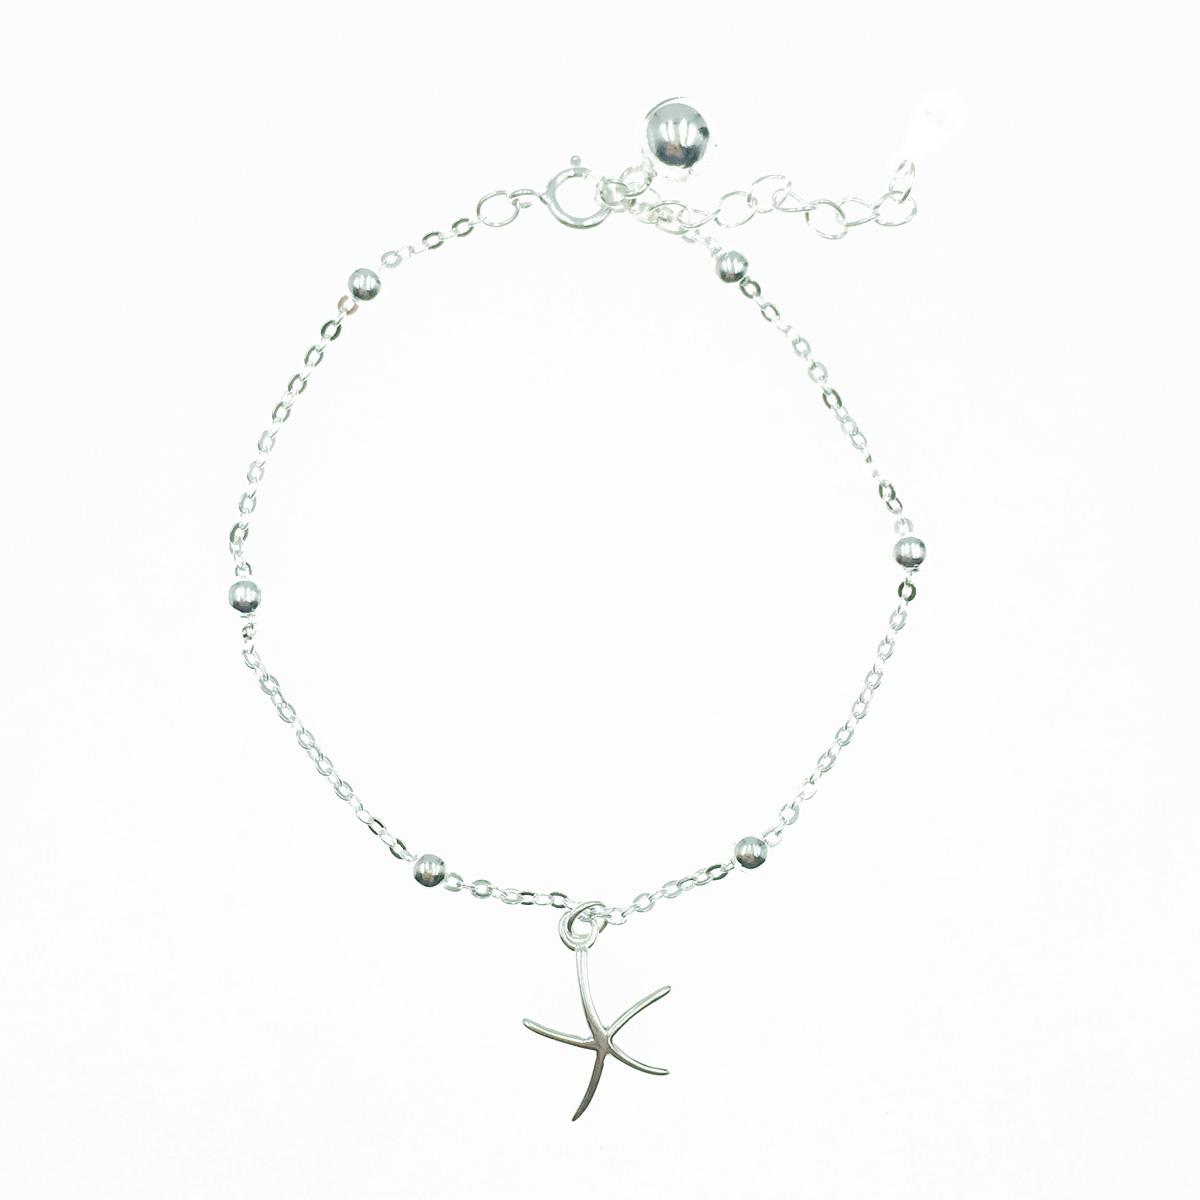 韓國 925純銀 小銀珠 海星 銀 墜飾 手飾 手鍊